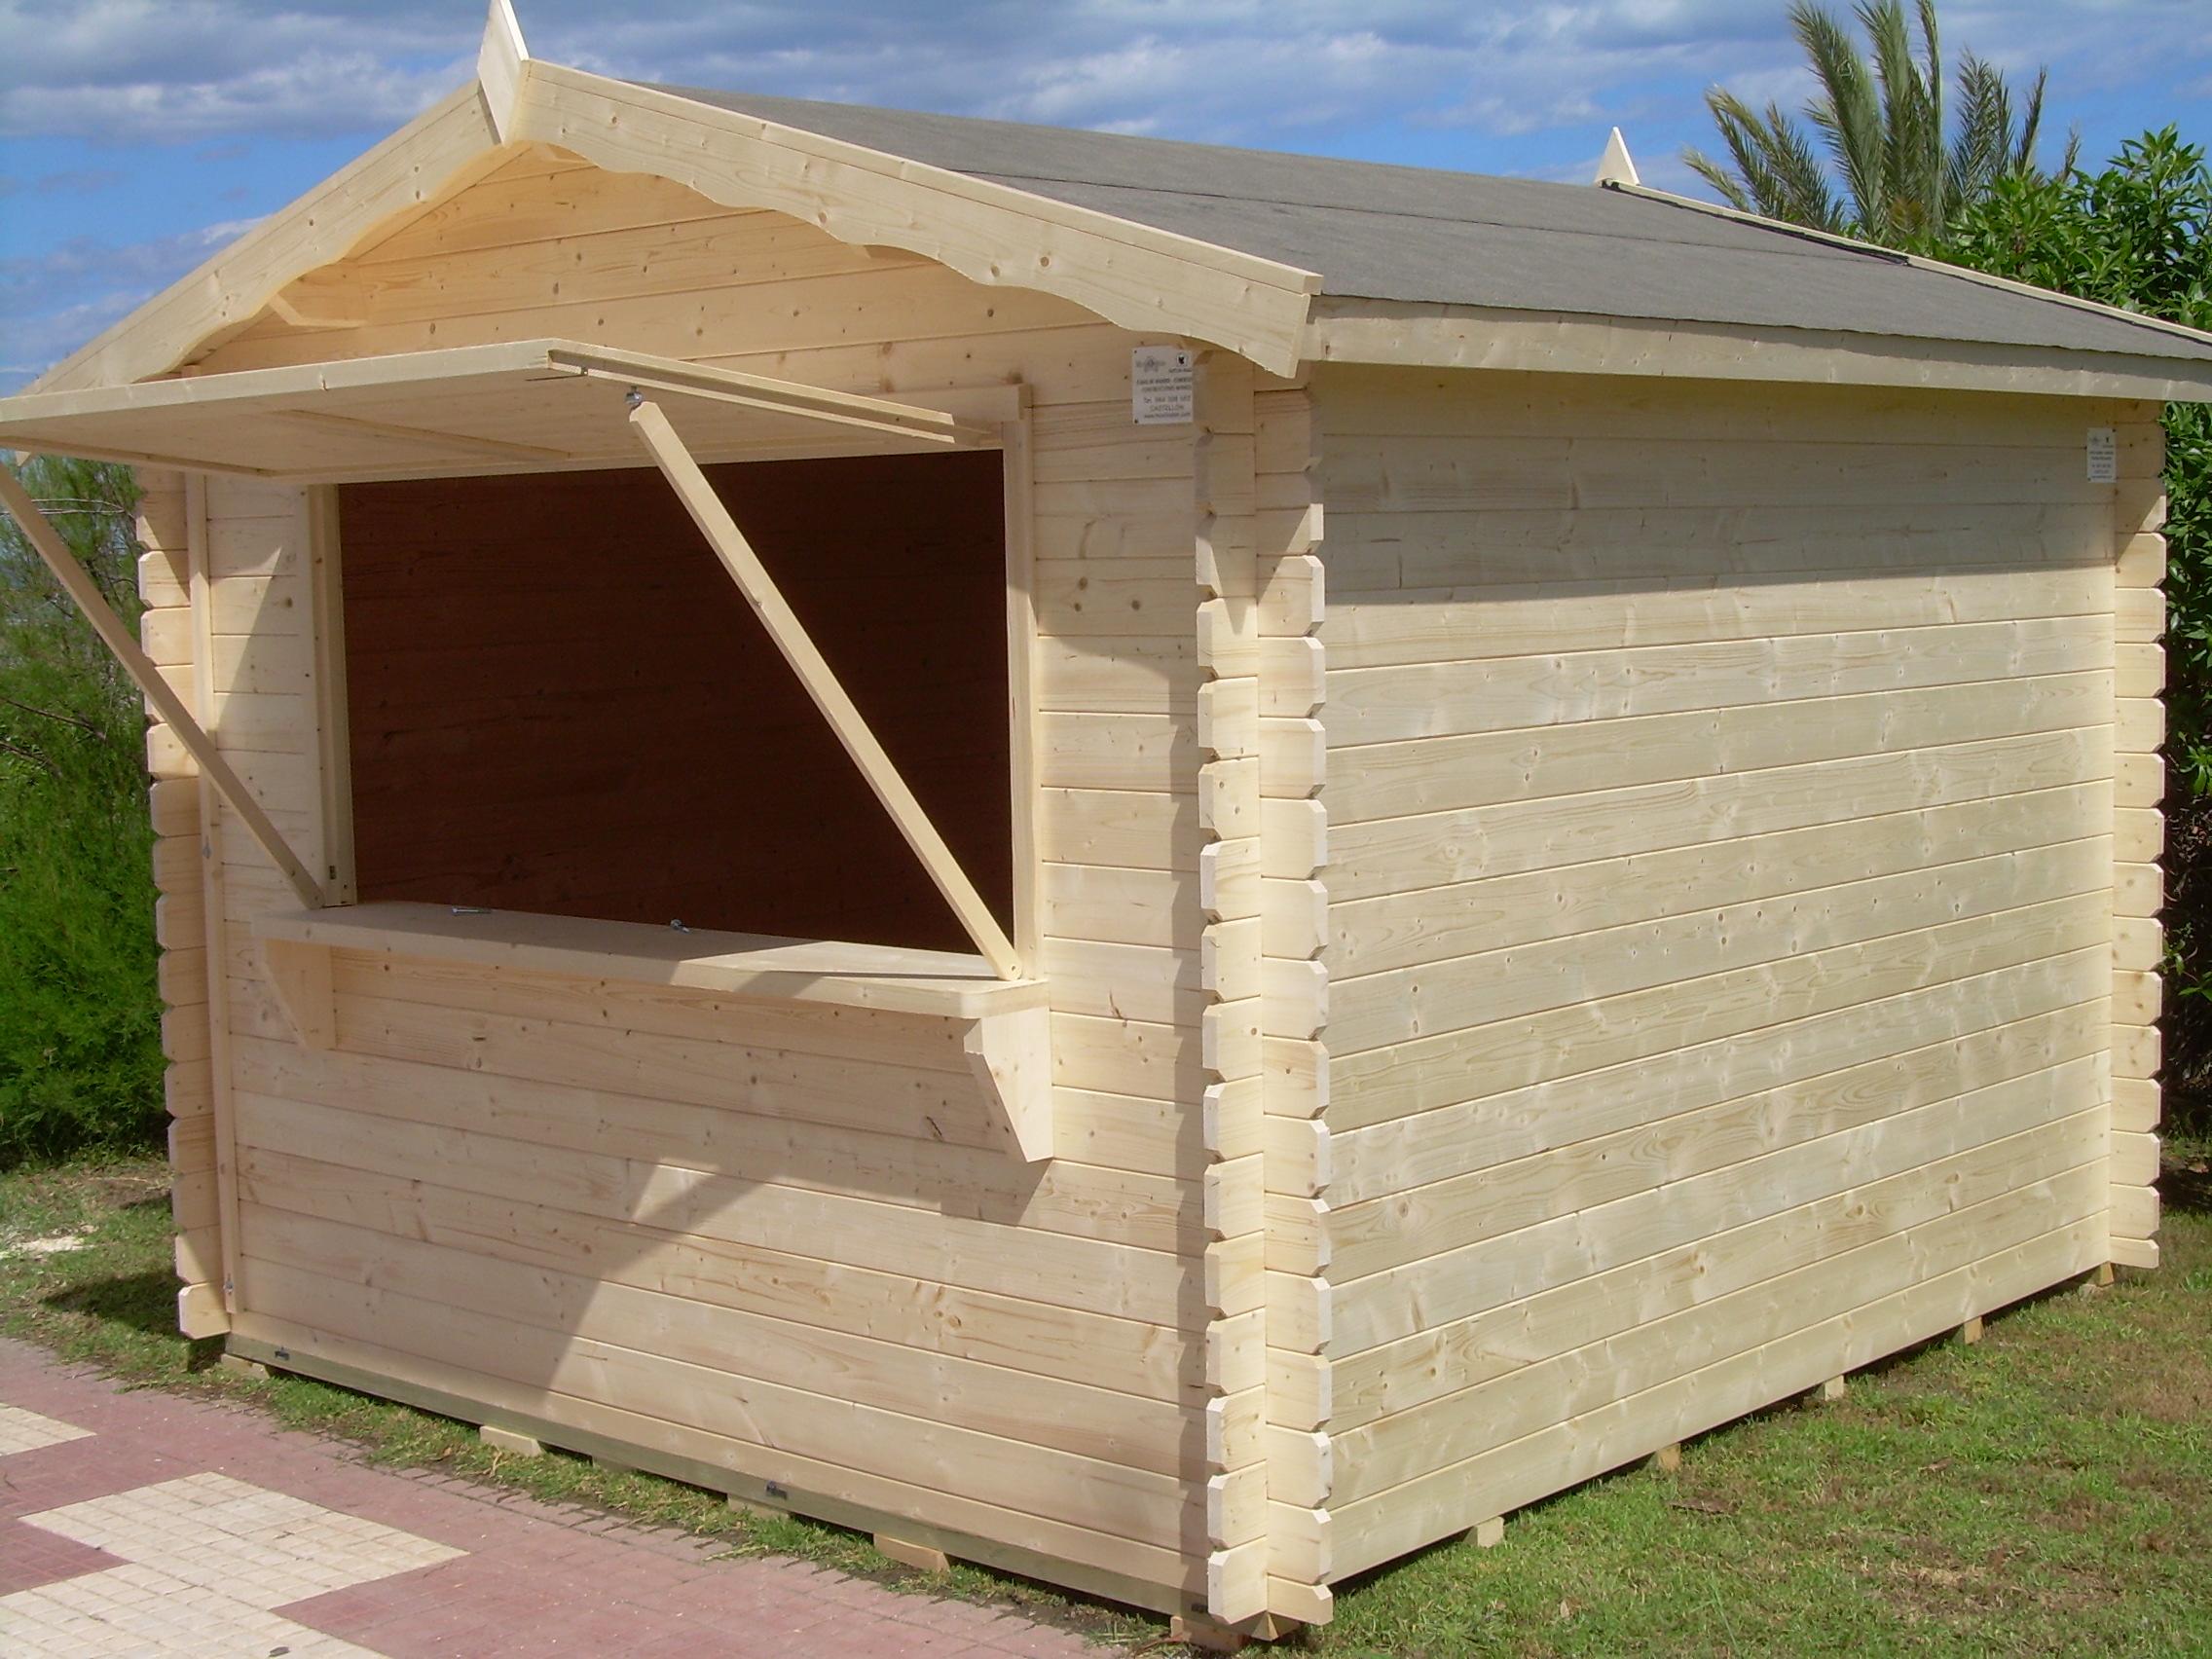 Movilrodan kiosco de madera kitty for Kioscos prefabricados de madera